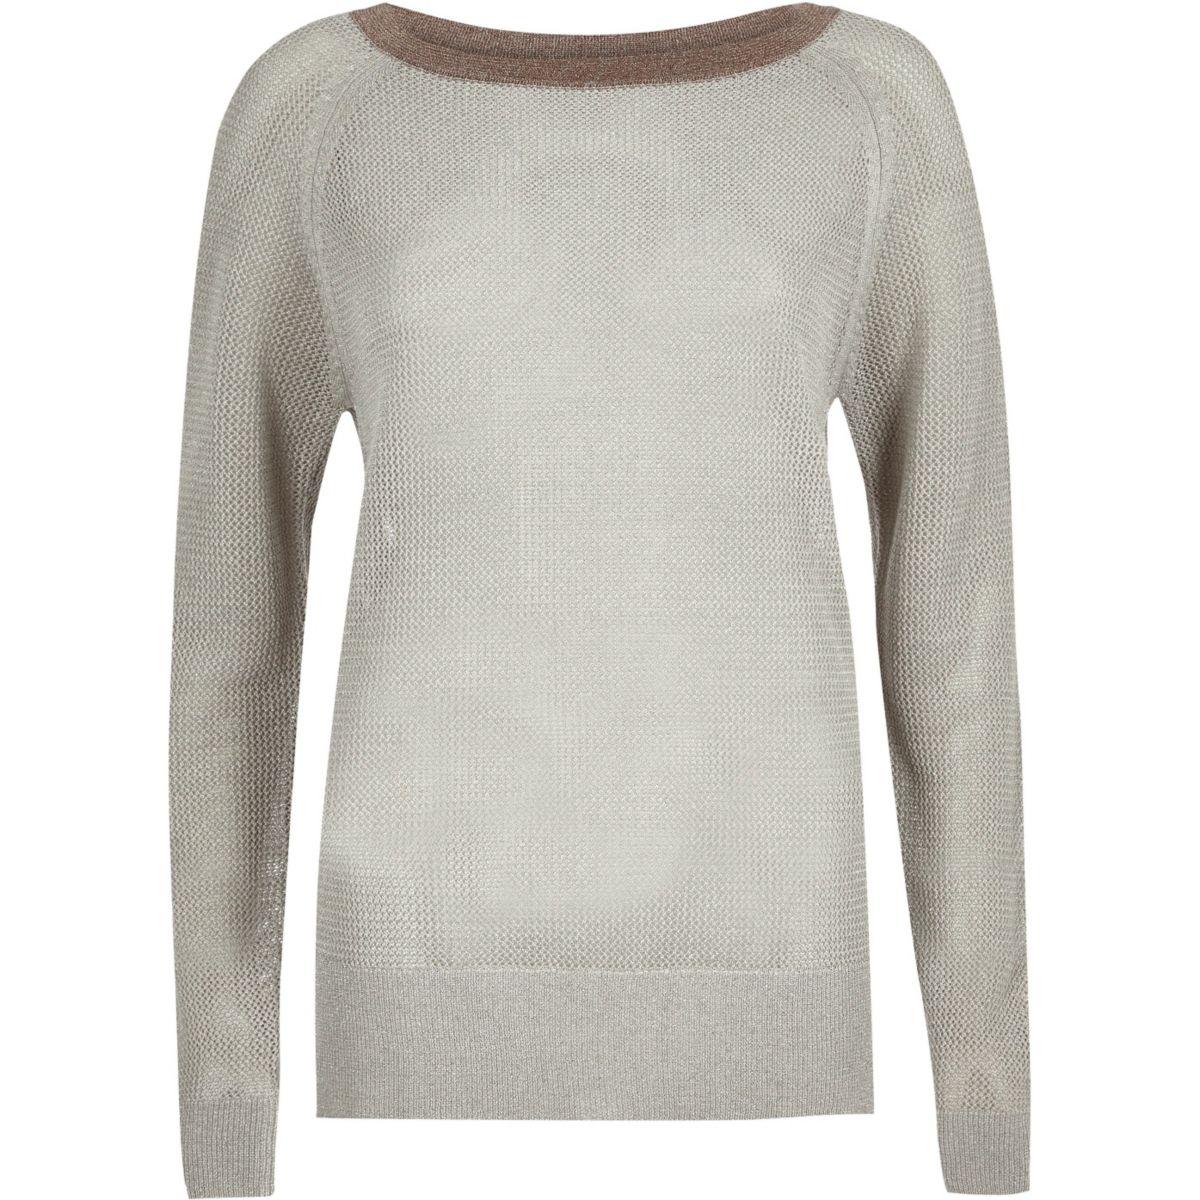 Silver knit raglan top